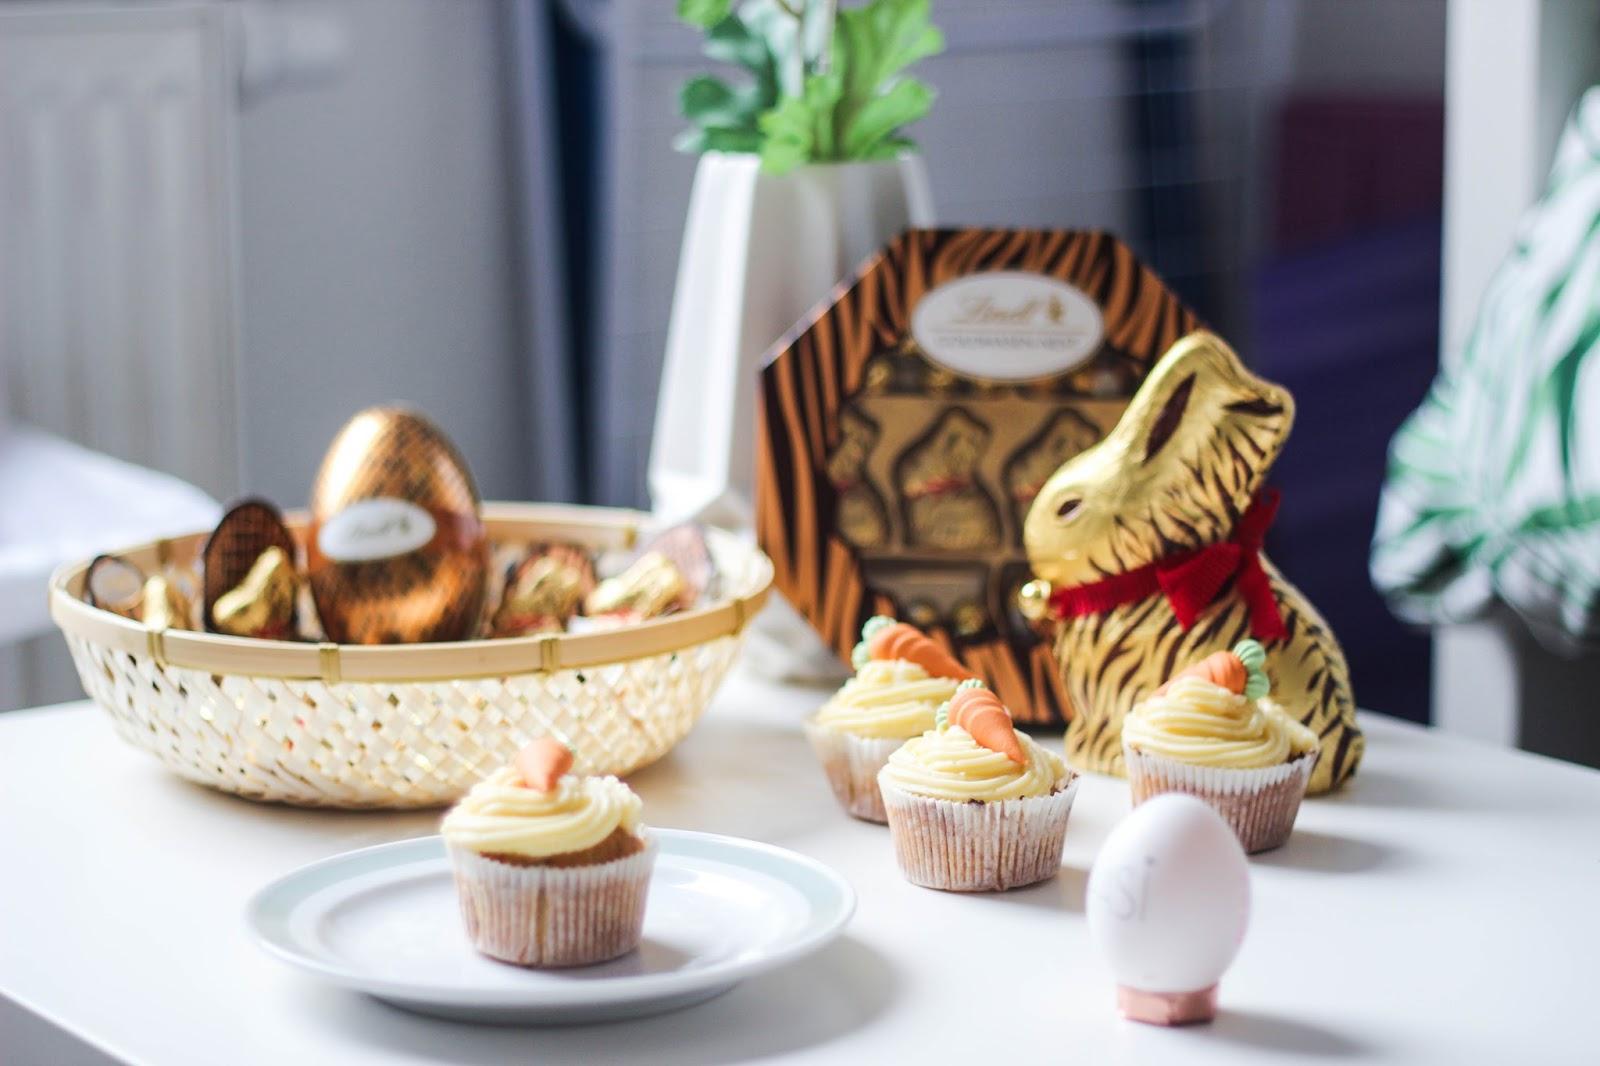 Ostern Lindt Schokohase Rübli-Muffin Cupcake